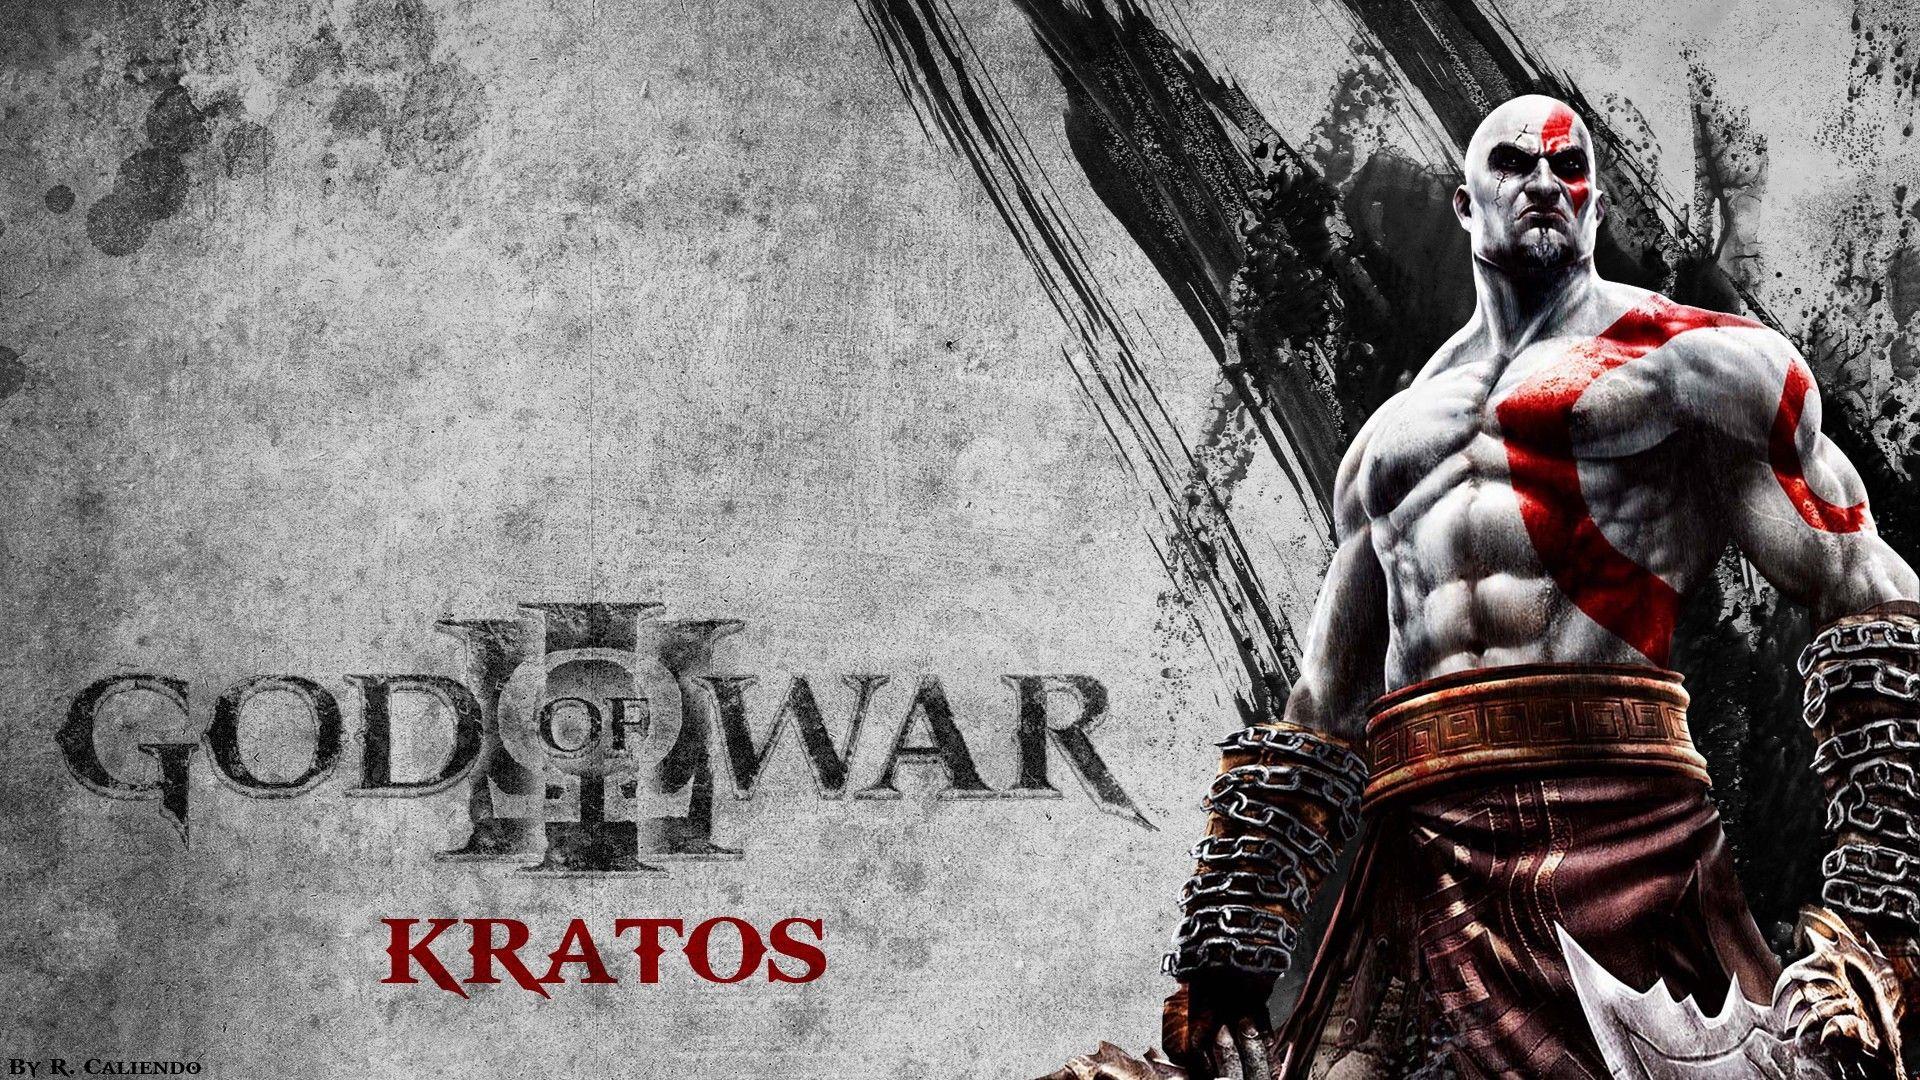 God Of War III - Kratos